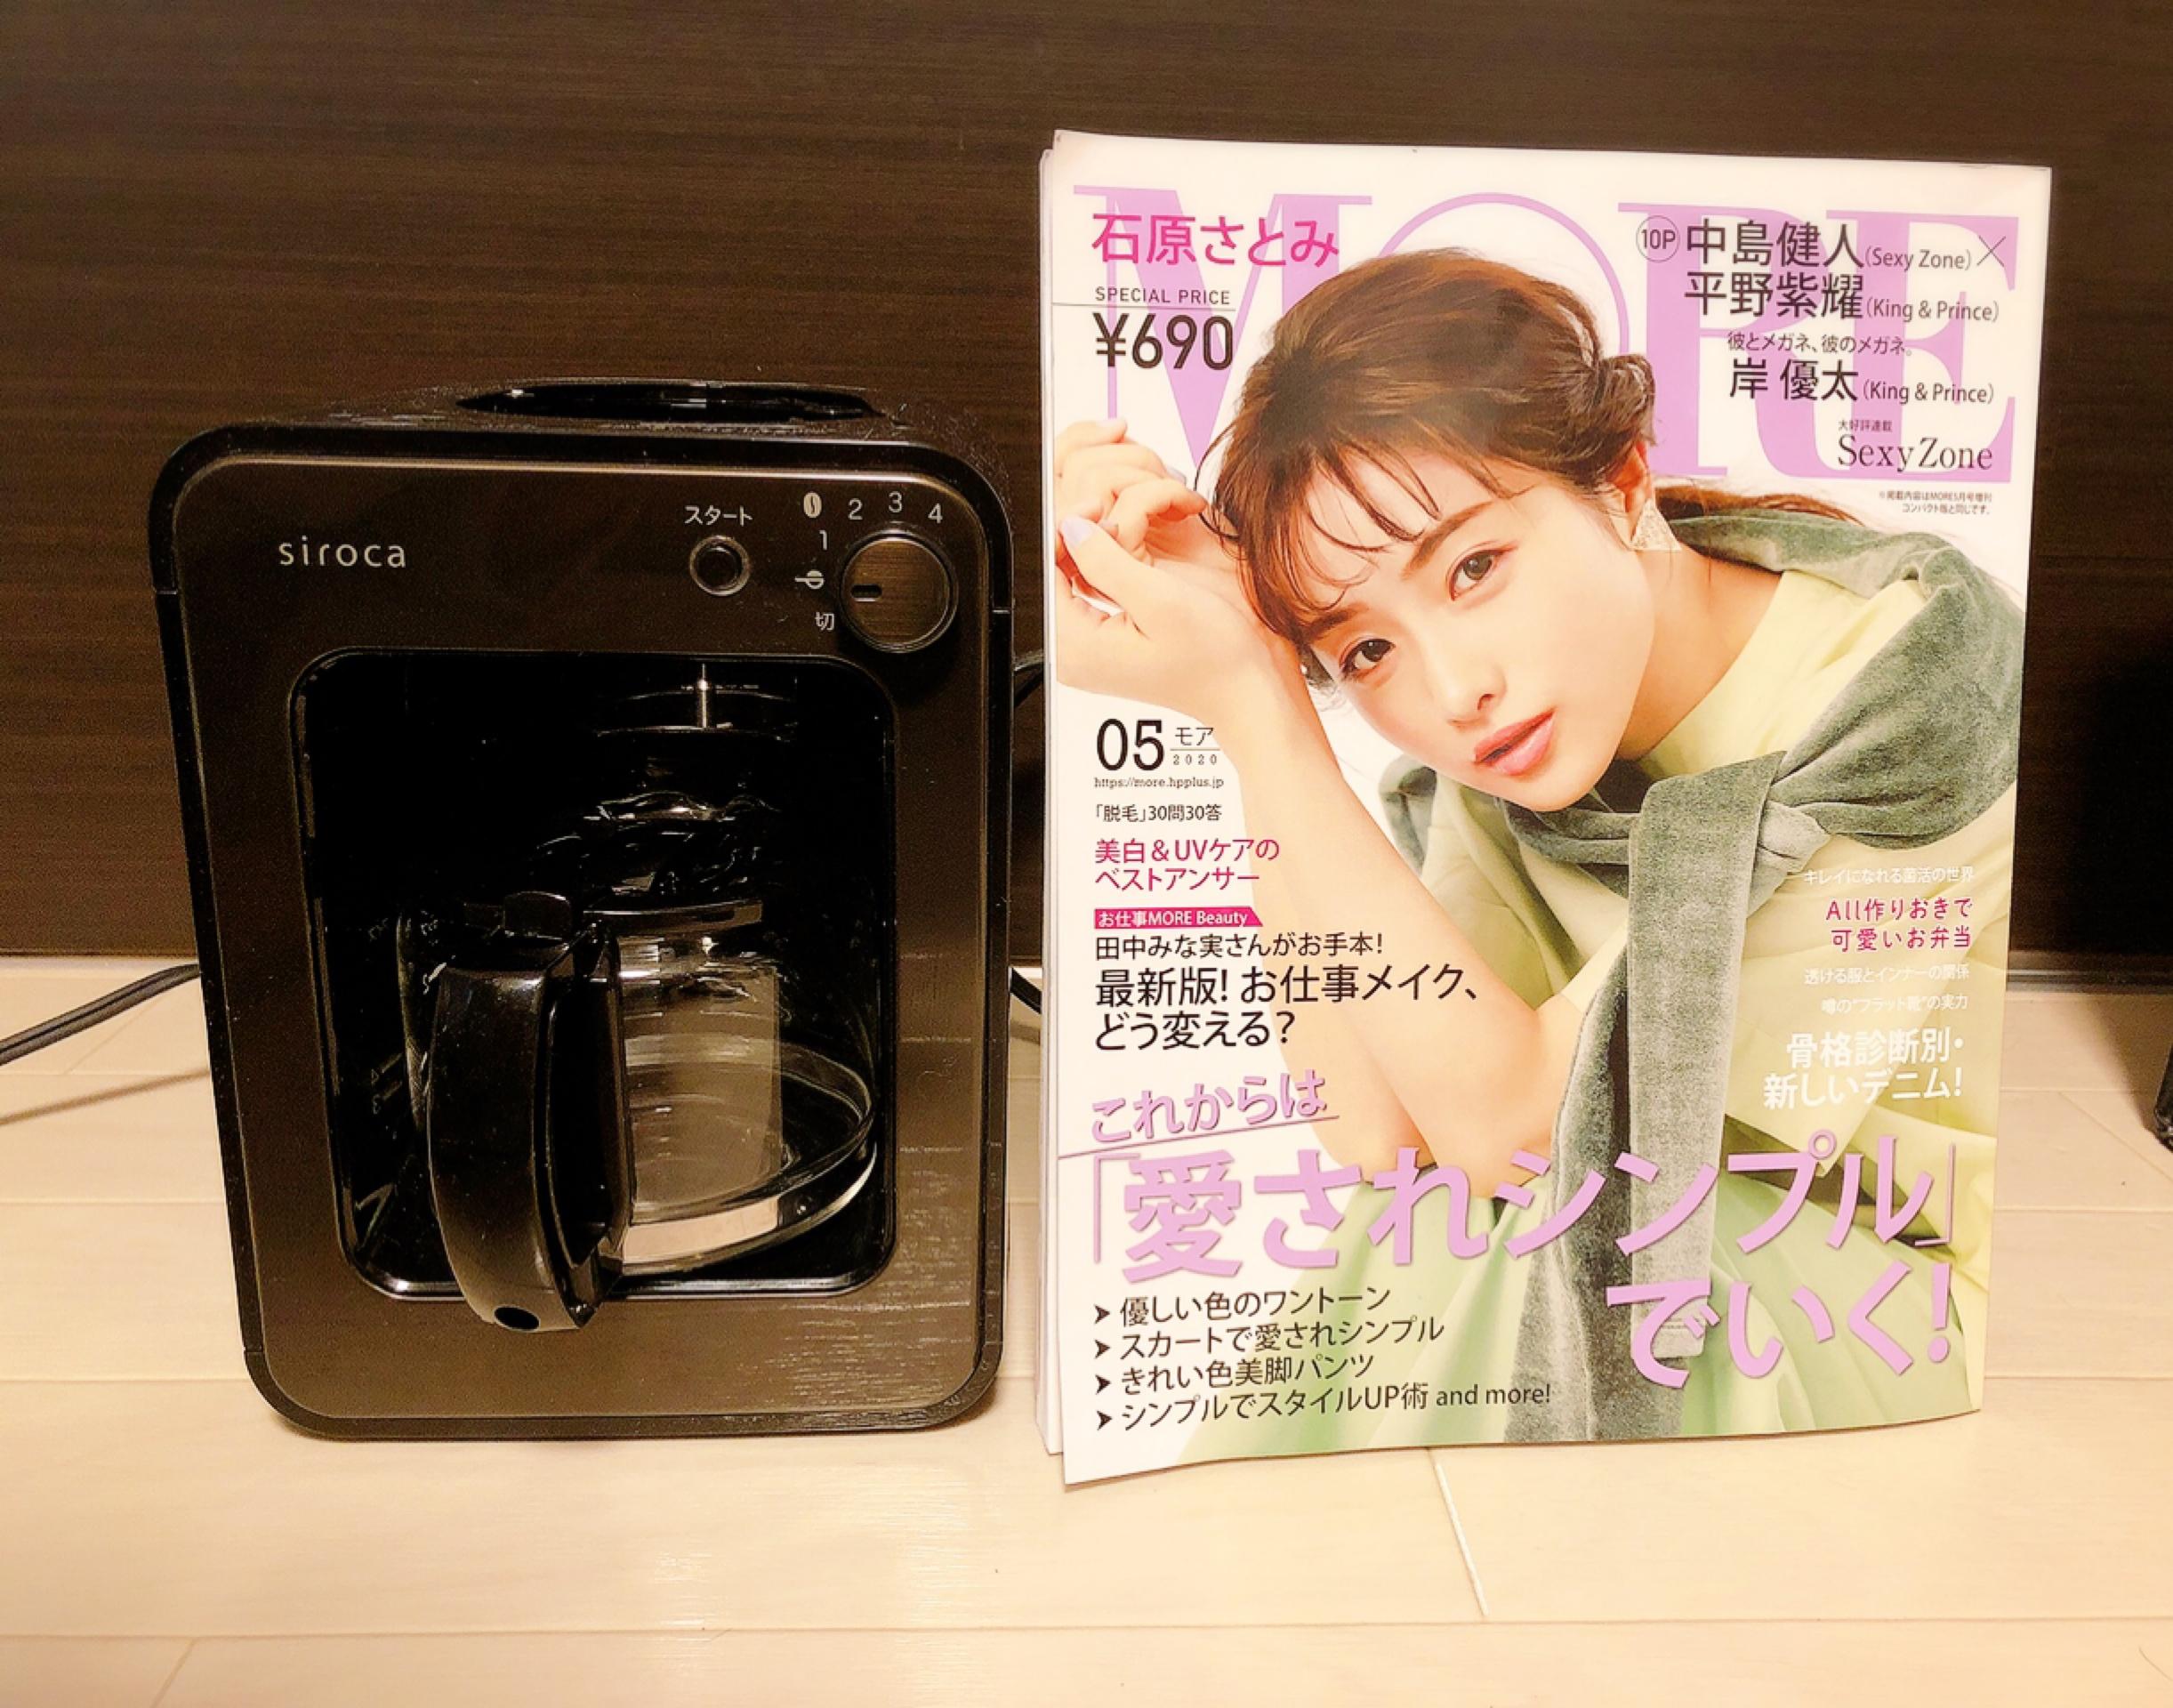 【#キッチン家電】おうちカフェ コンパクトで可愛いのに超優秀☕︎豆から挽ける簡単3ステップコーヒーメーカー♩_5